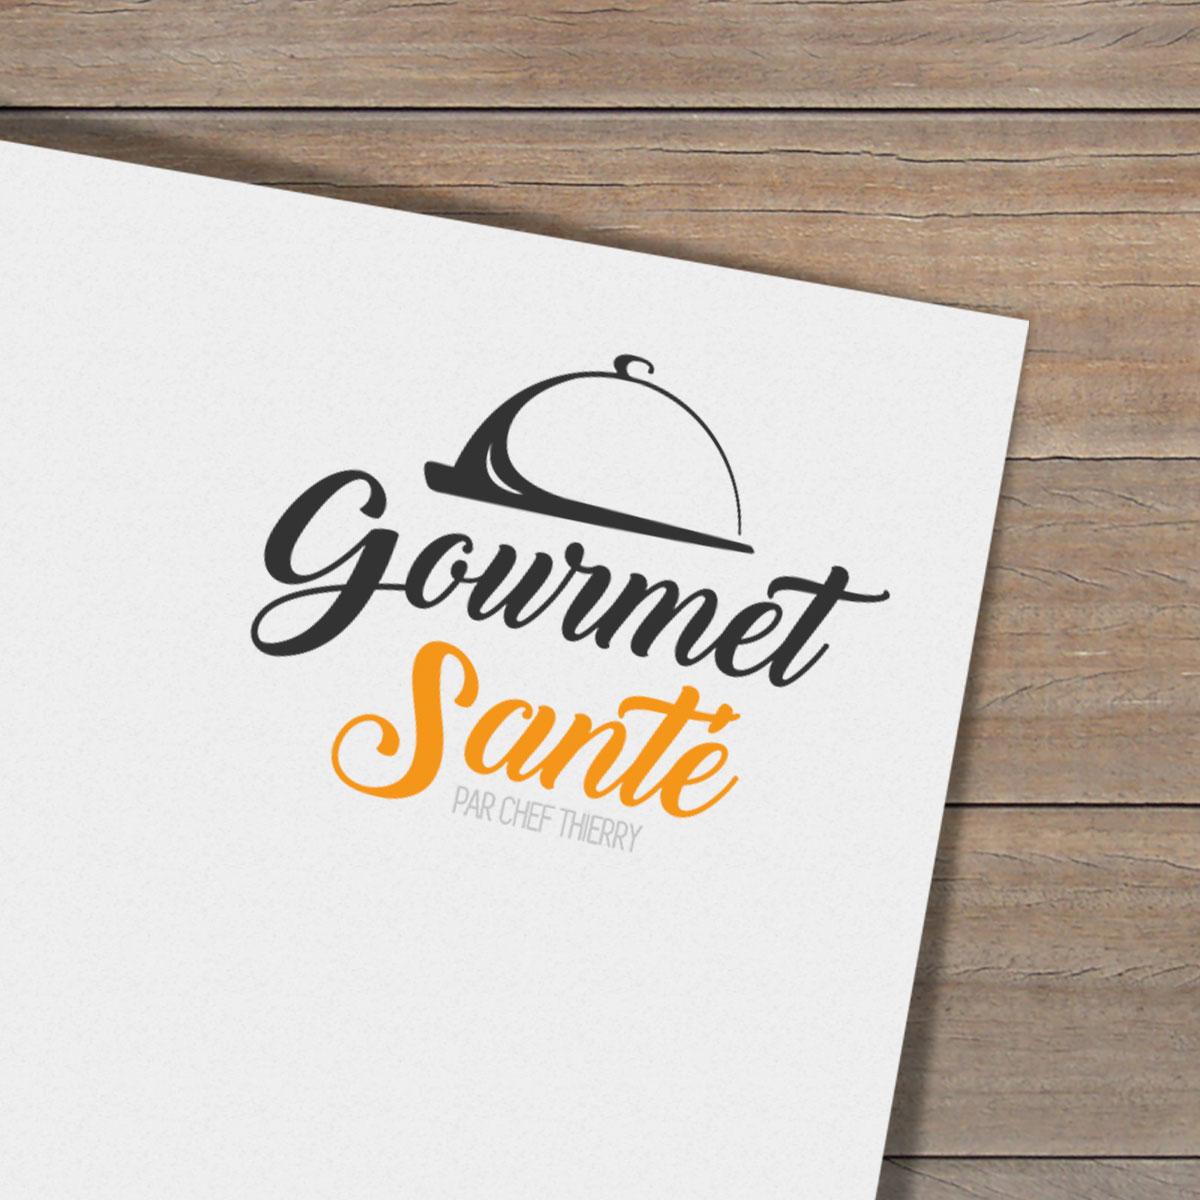 Kesho Communications - Gourmet Santé - Création d'un logo